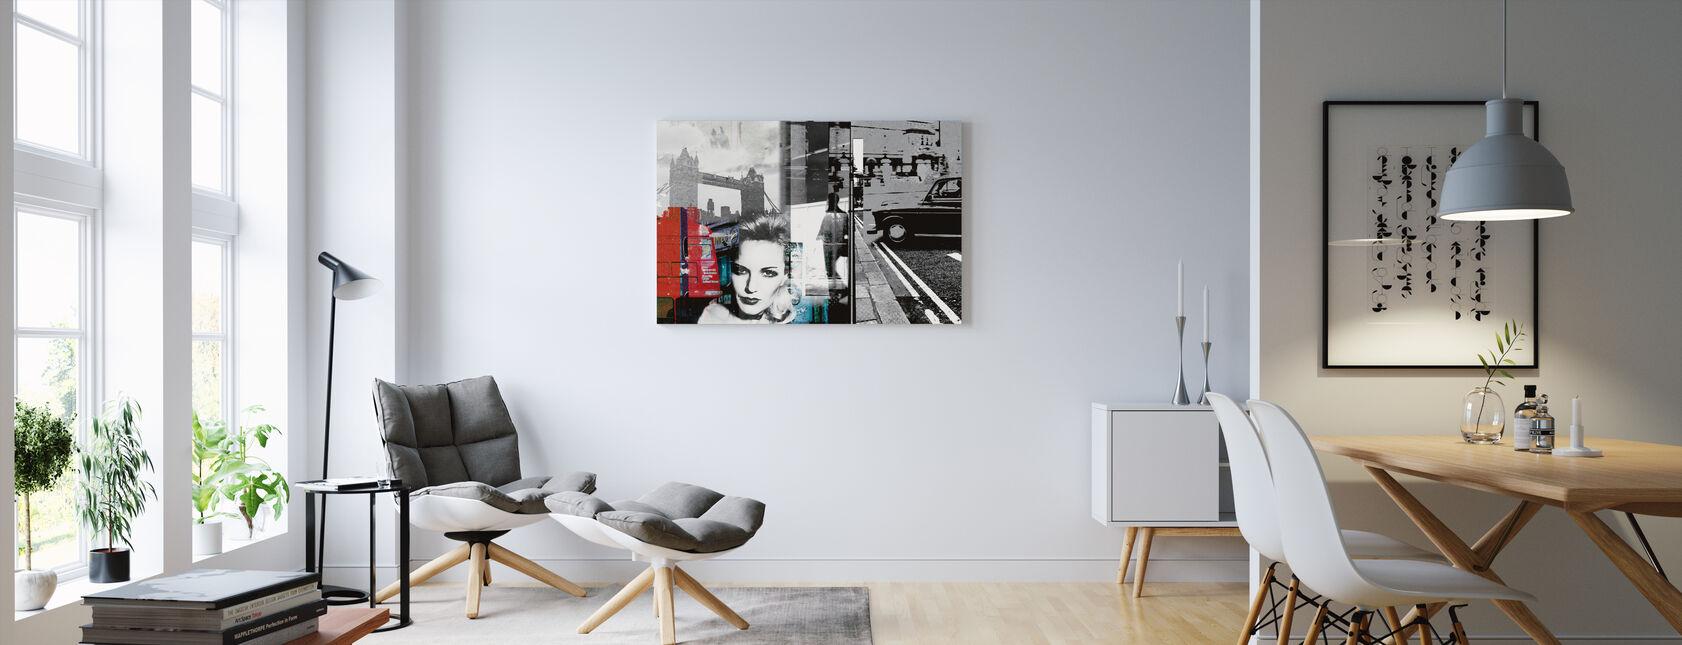 London - Leinwandbild - Wohnzimmer